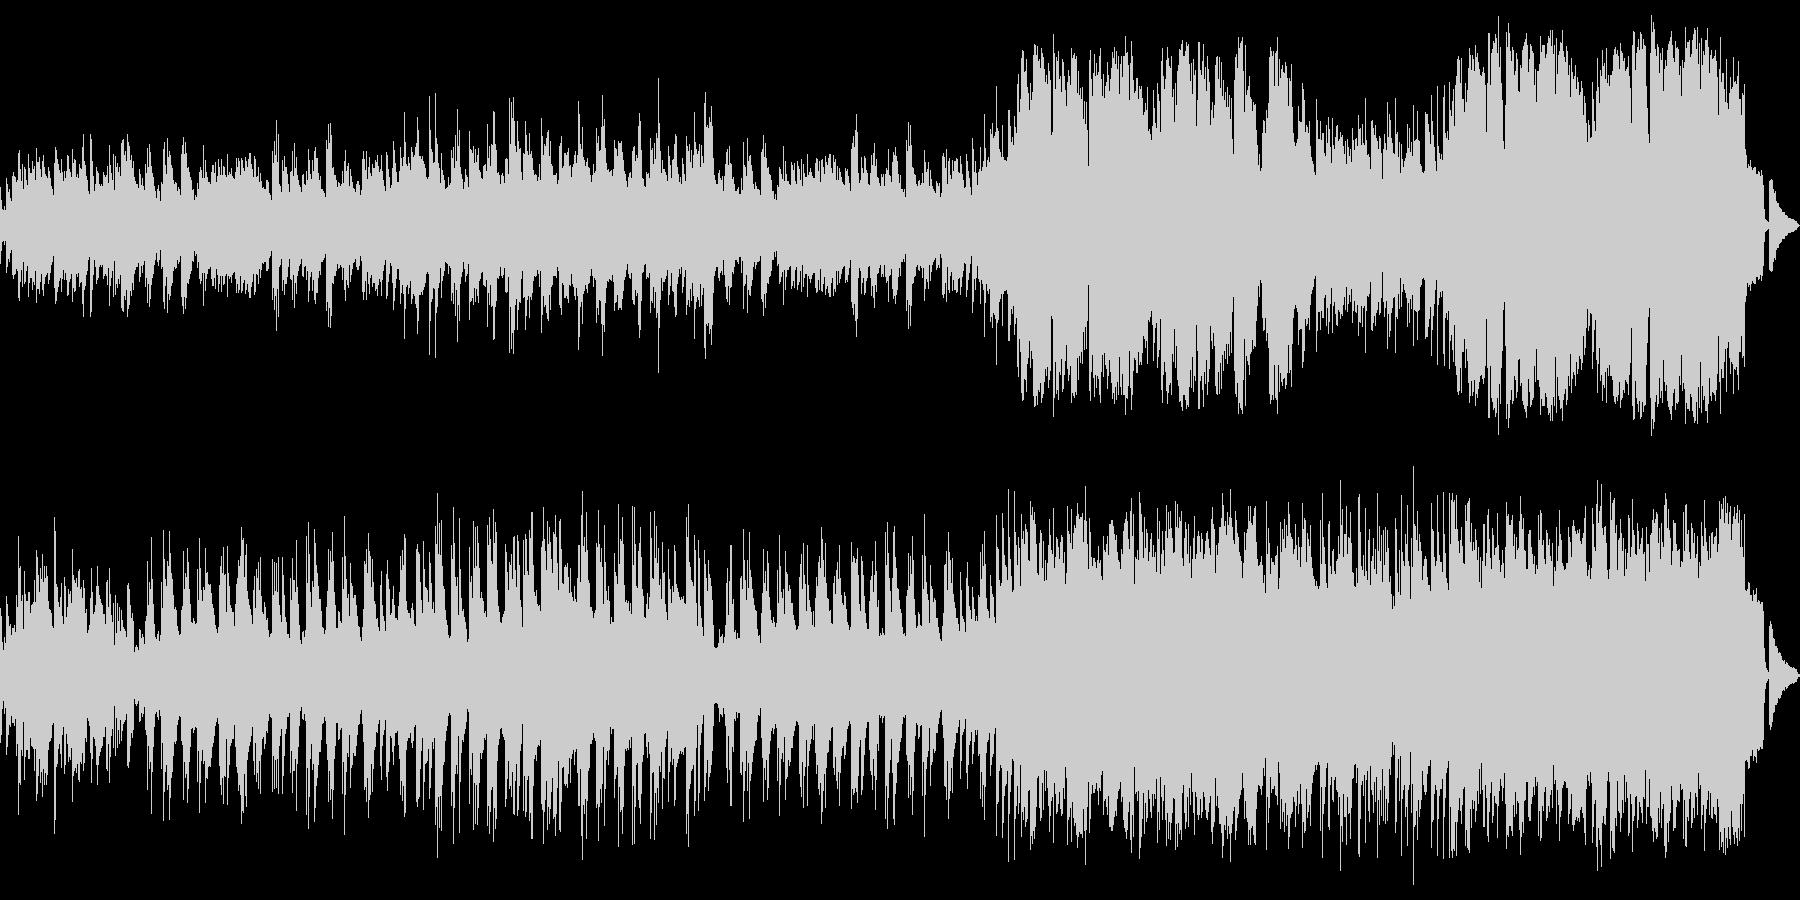 ゆったりとしたメロディアスなピアノワルツの未再生の波形